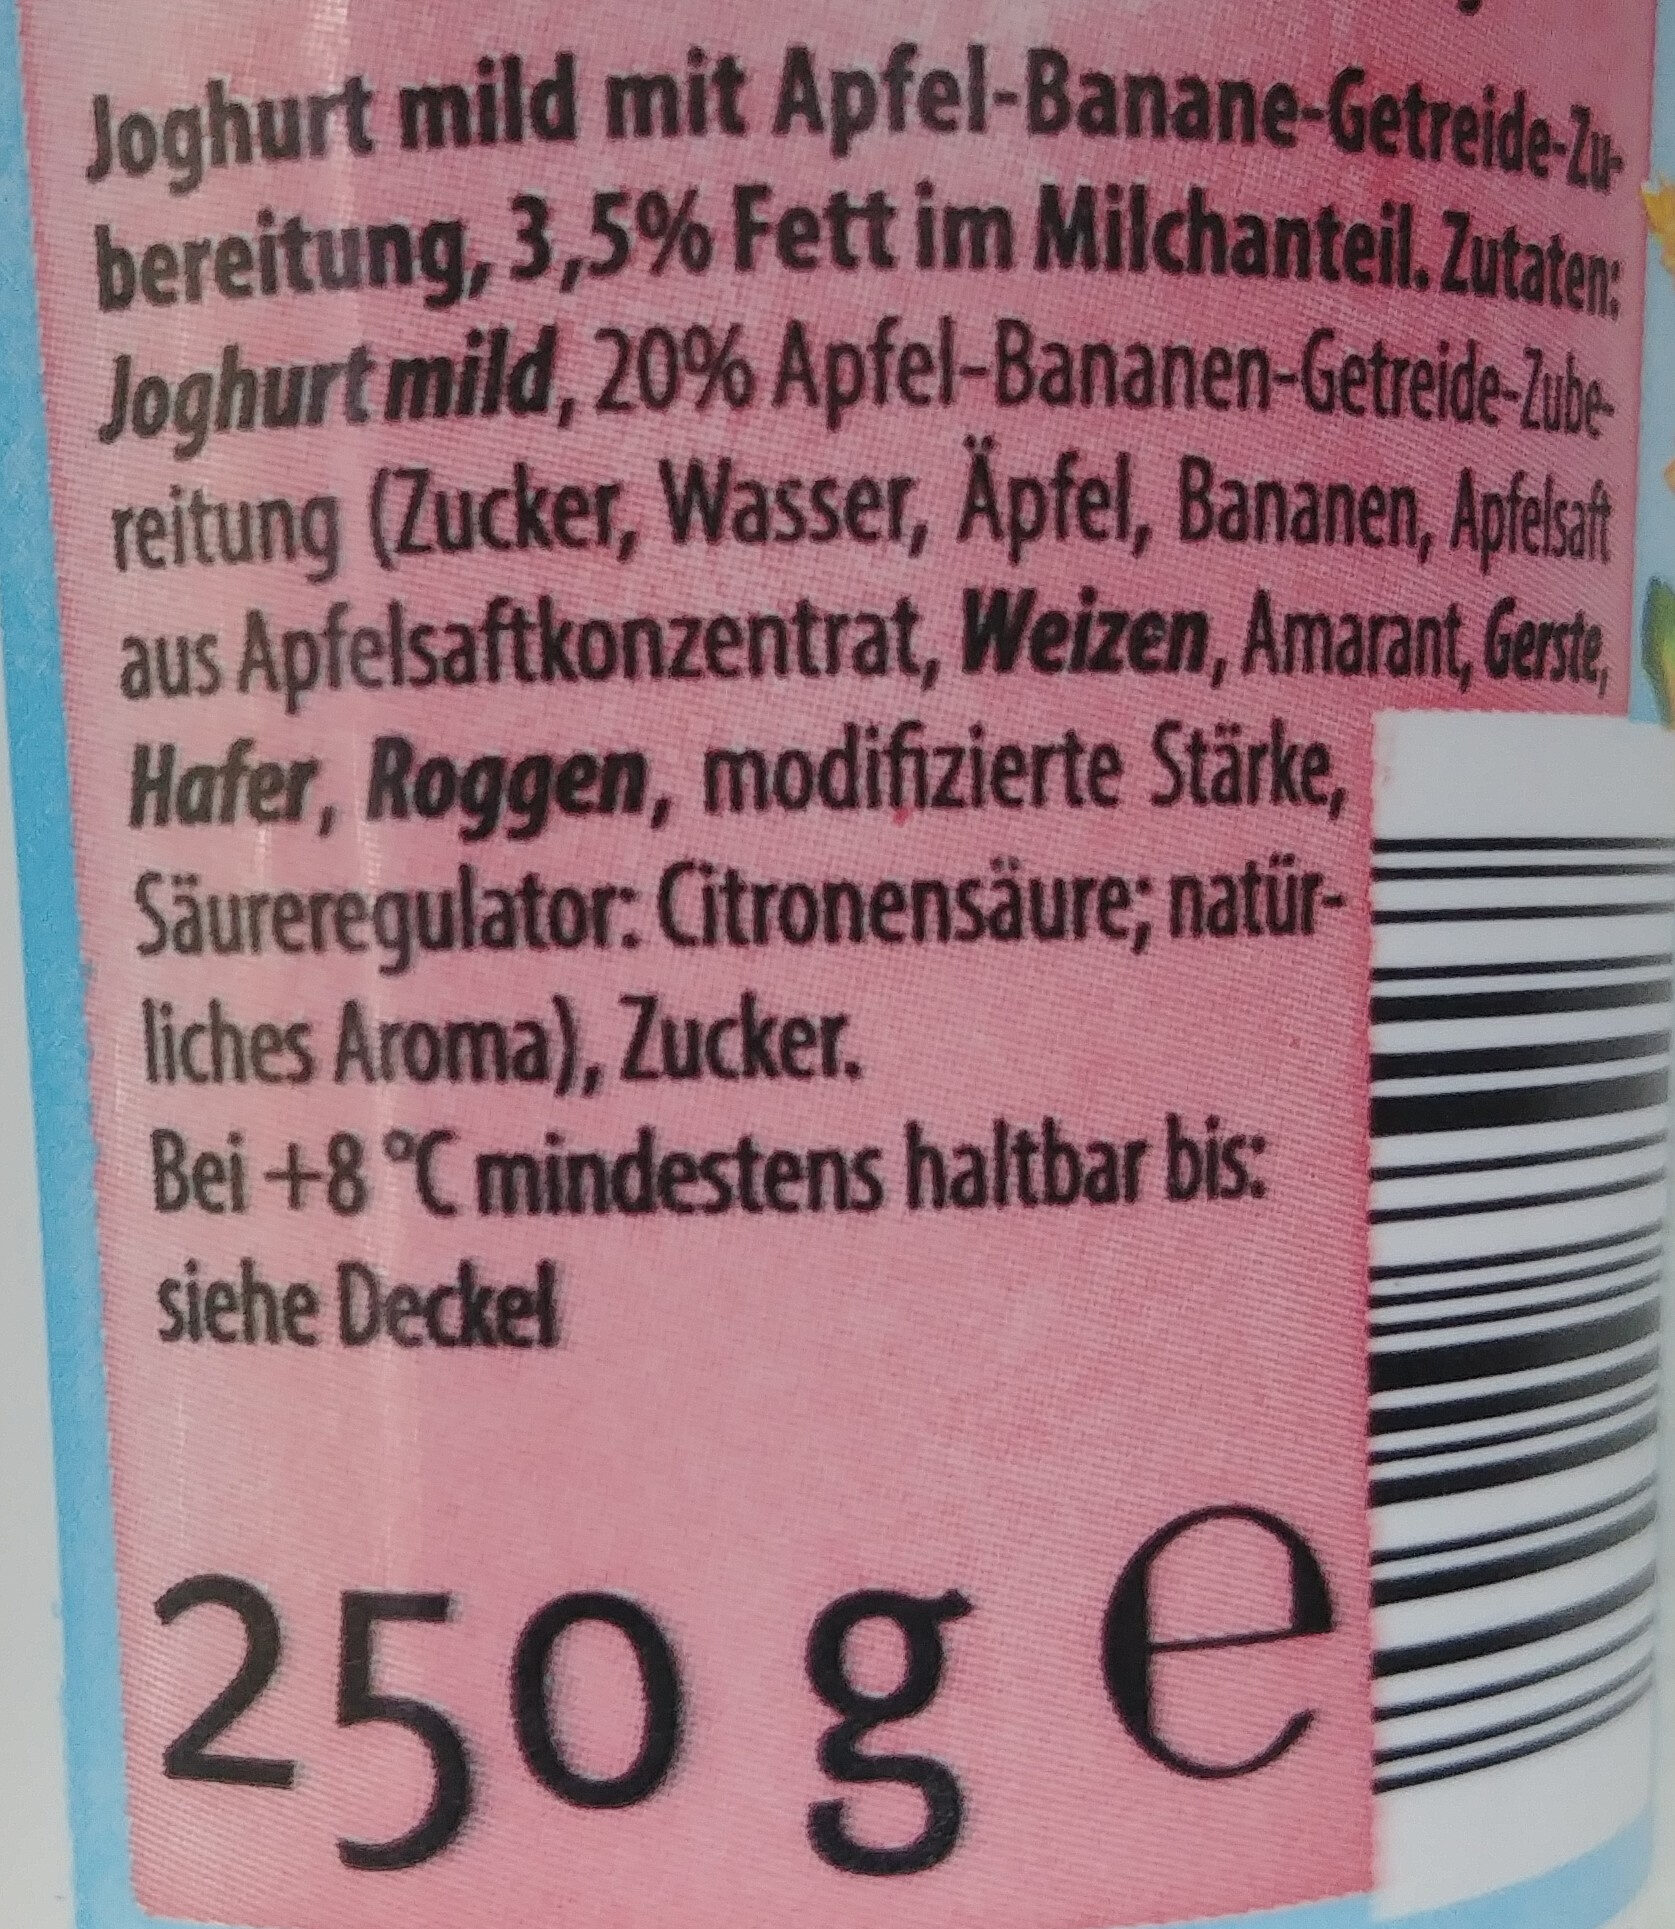 Jogurt mild mit Apfel, Banane, Getreide, Zubereitung, 3,5%Fett - Ingrediënten - pl